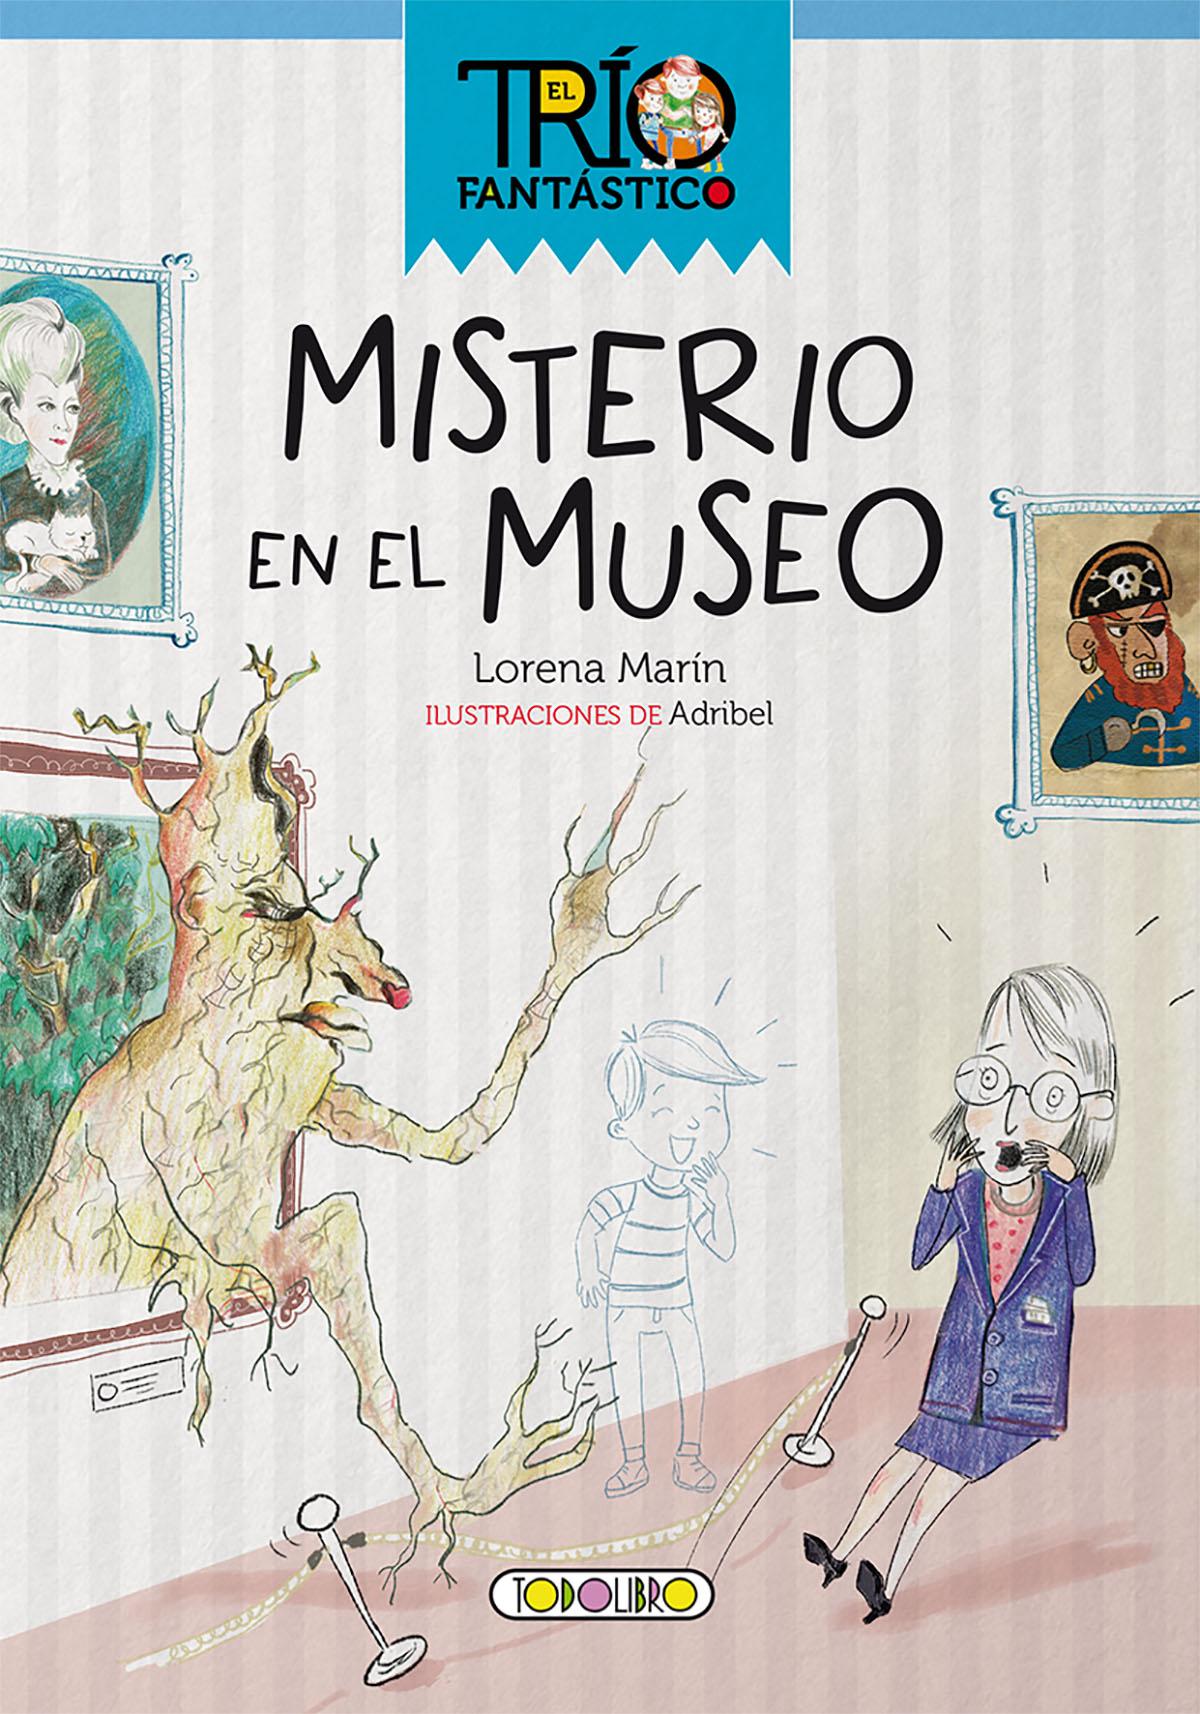 Libros juveniles - Todolibro-Castellano - - Todo libro - Libros ...